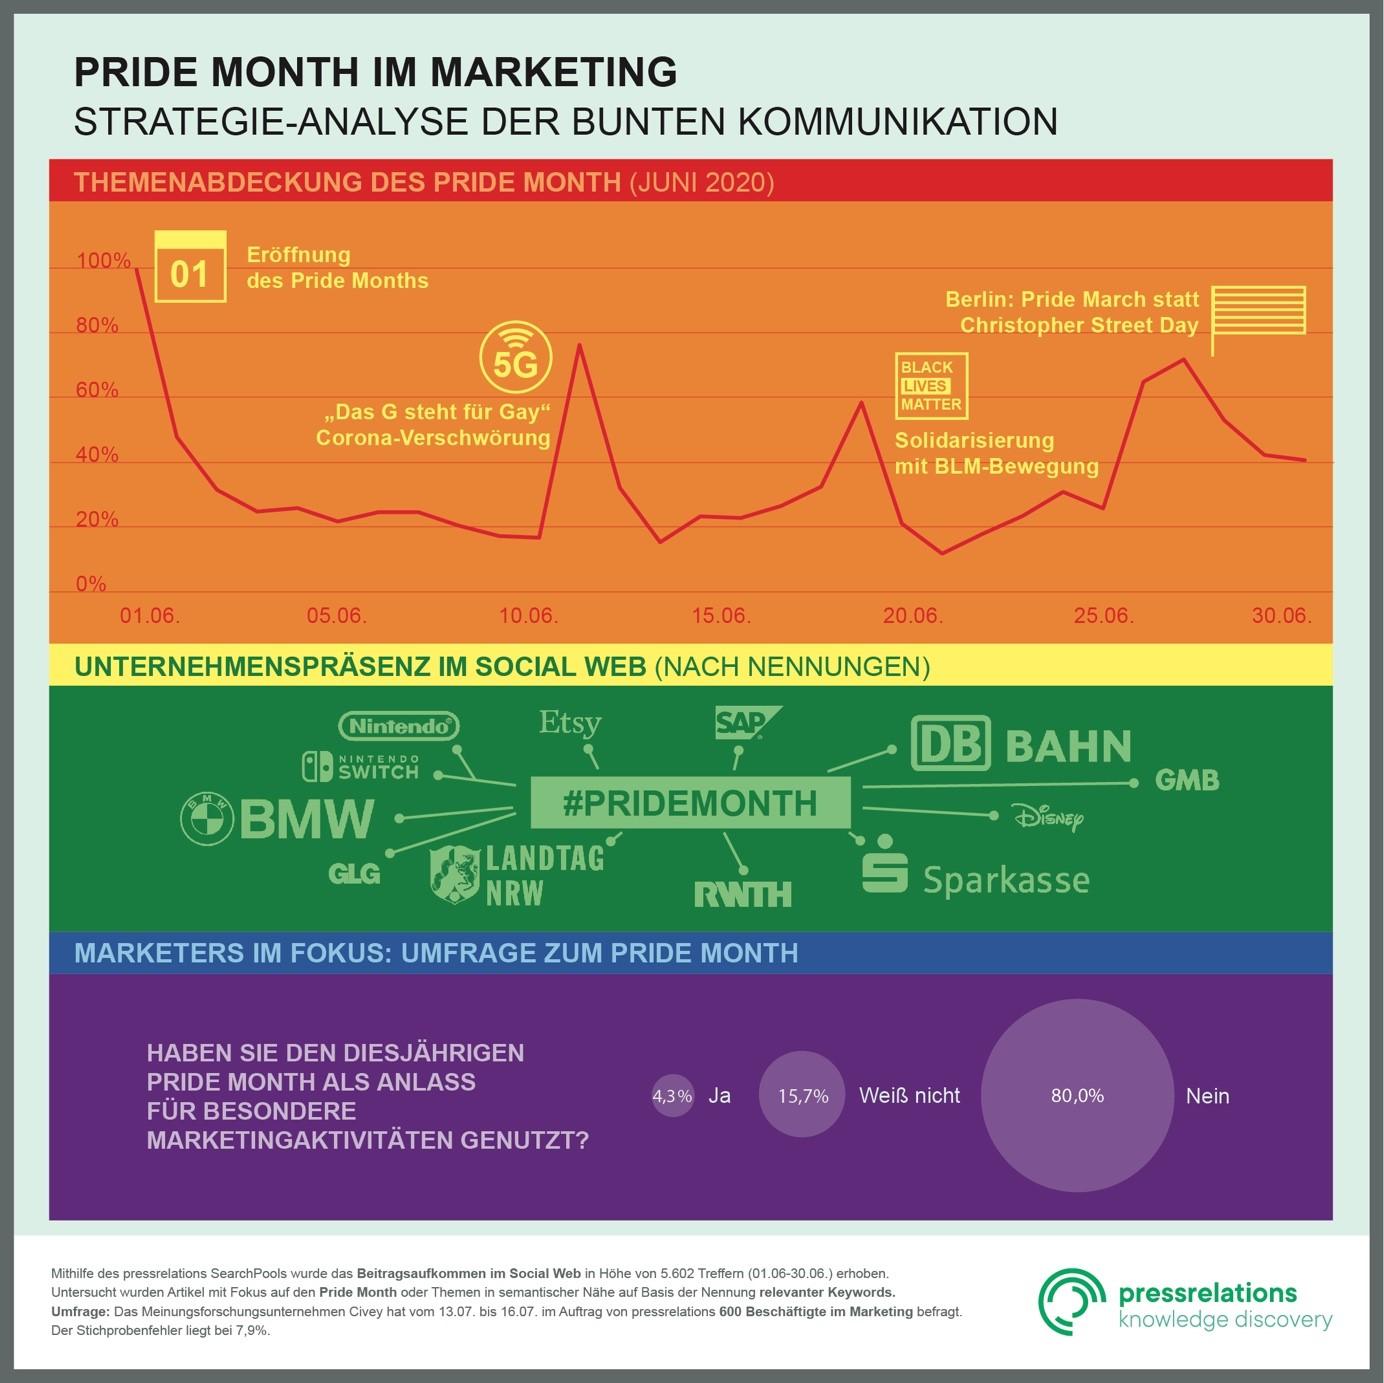 Pride Month im Marketing - Die Grafik für das prmagazin zeigt den Trendverlauf des Pride Month, sowie die syntaktische Unternehmenspräsenz und eine Umfrage unter Marketers.